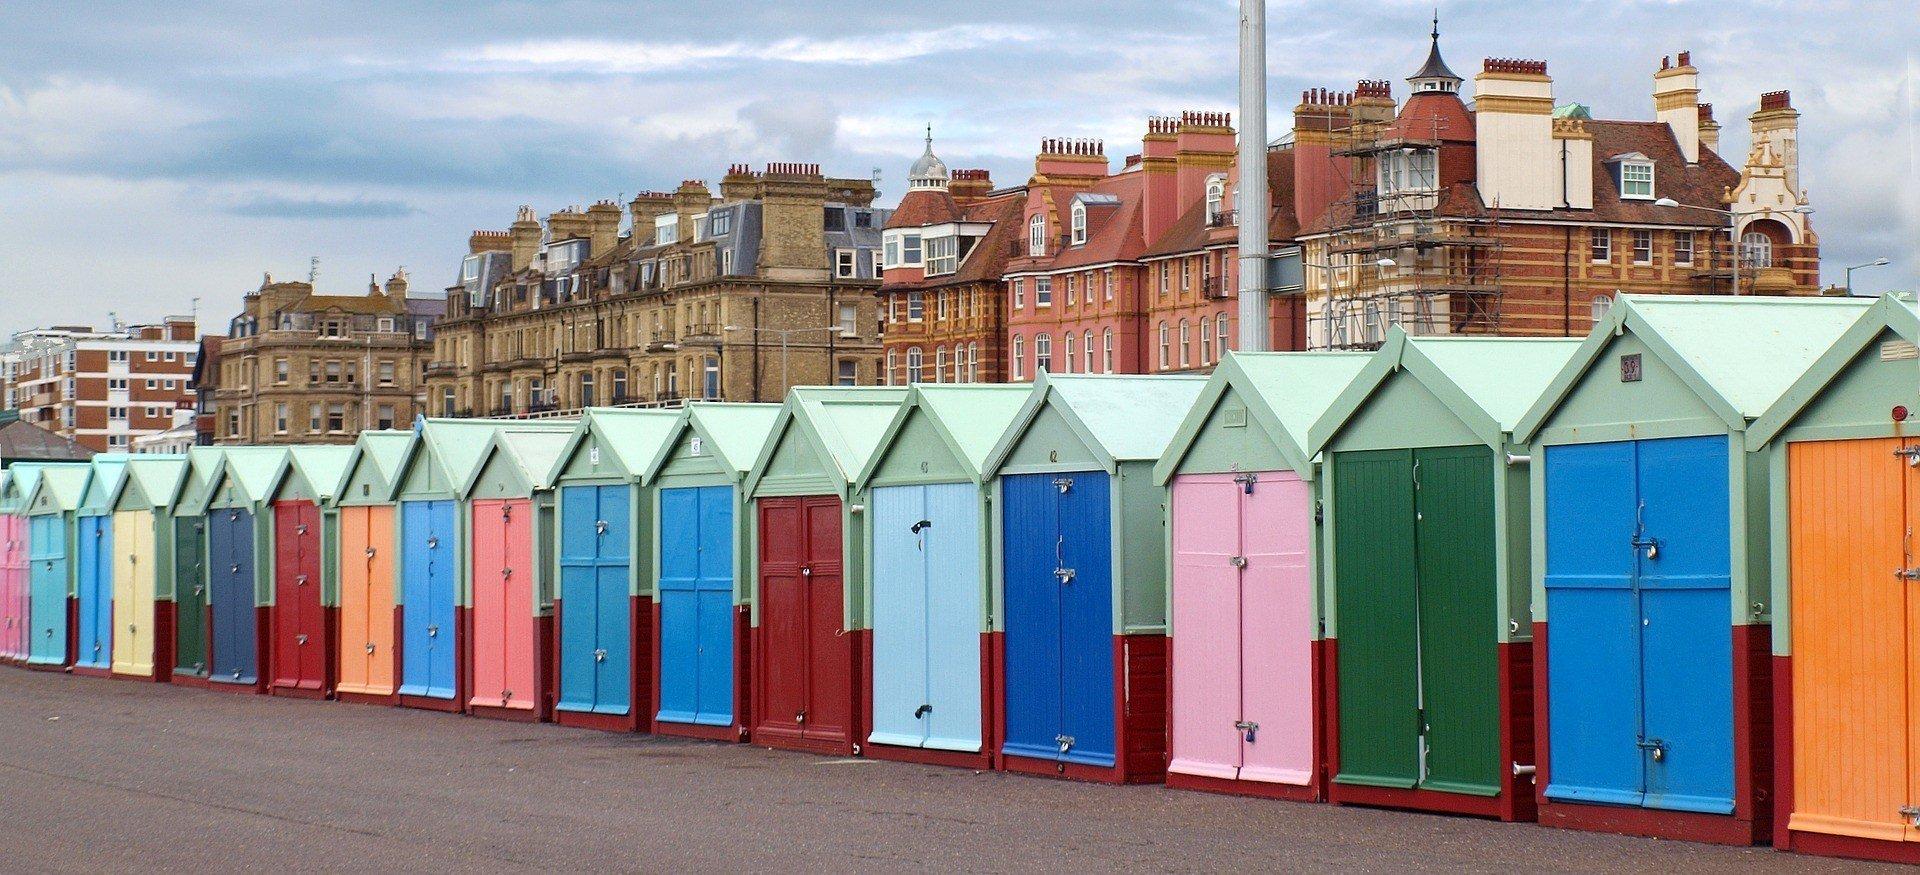 Hove, Brighton